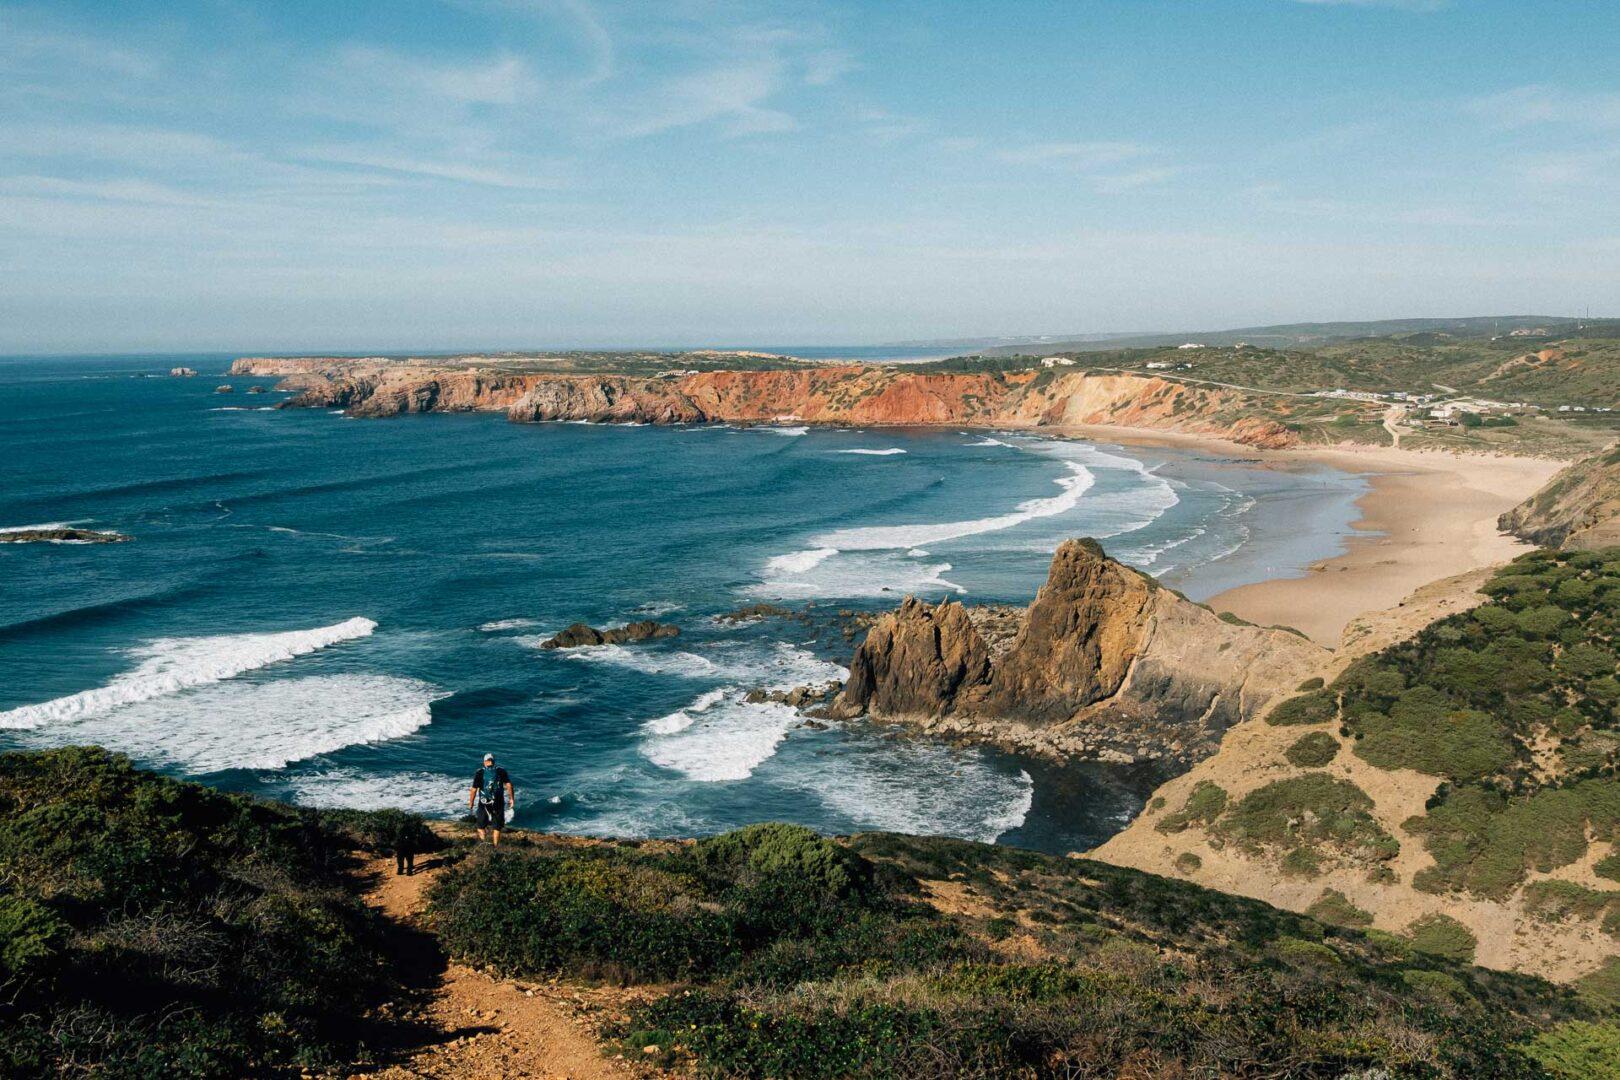 Världens finaste stränder, Praia do Amado